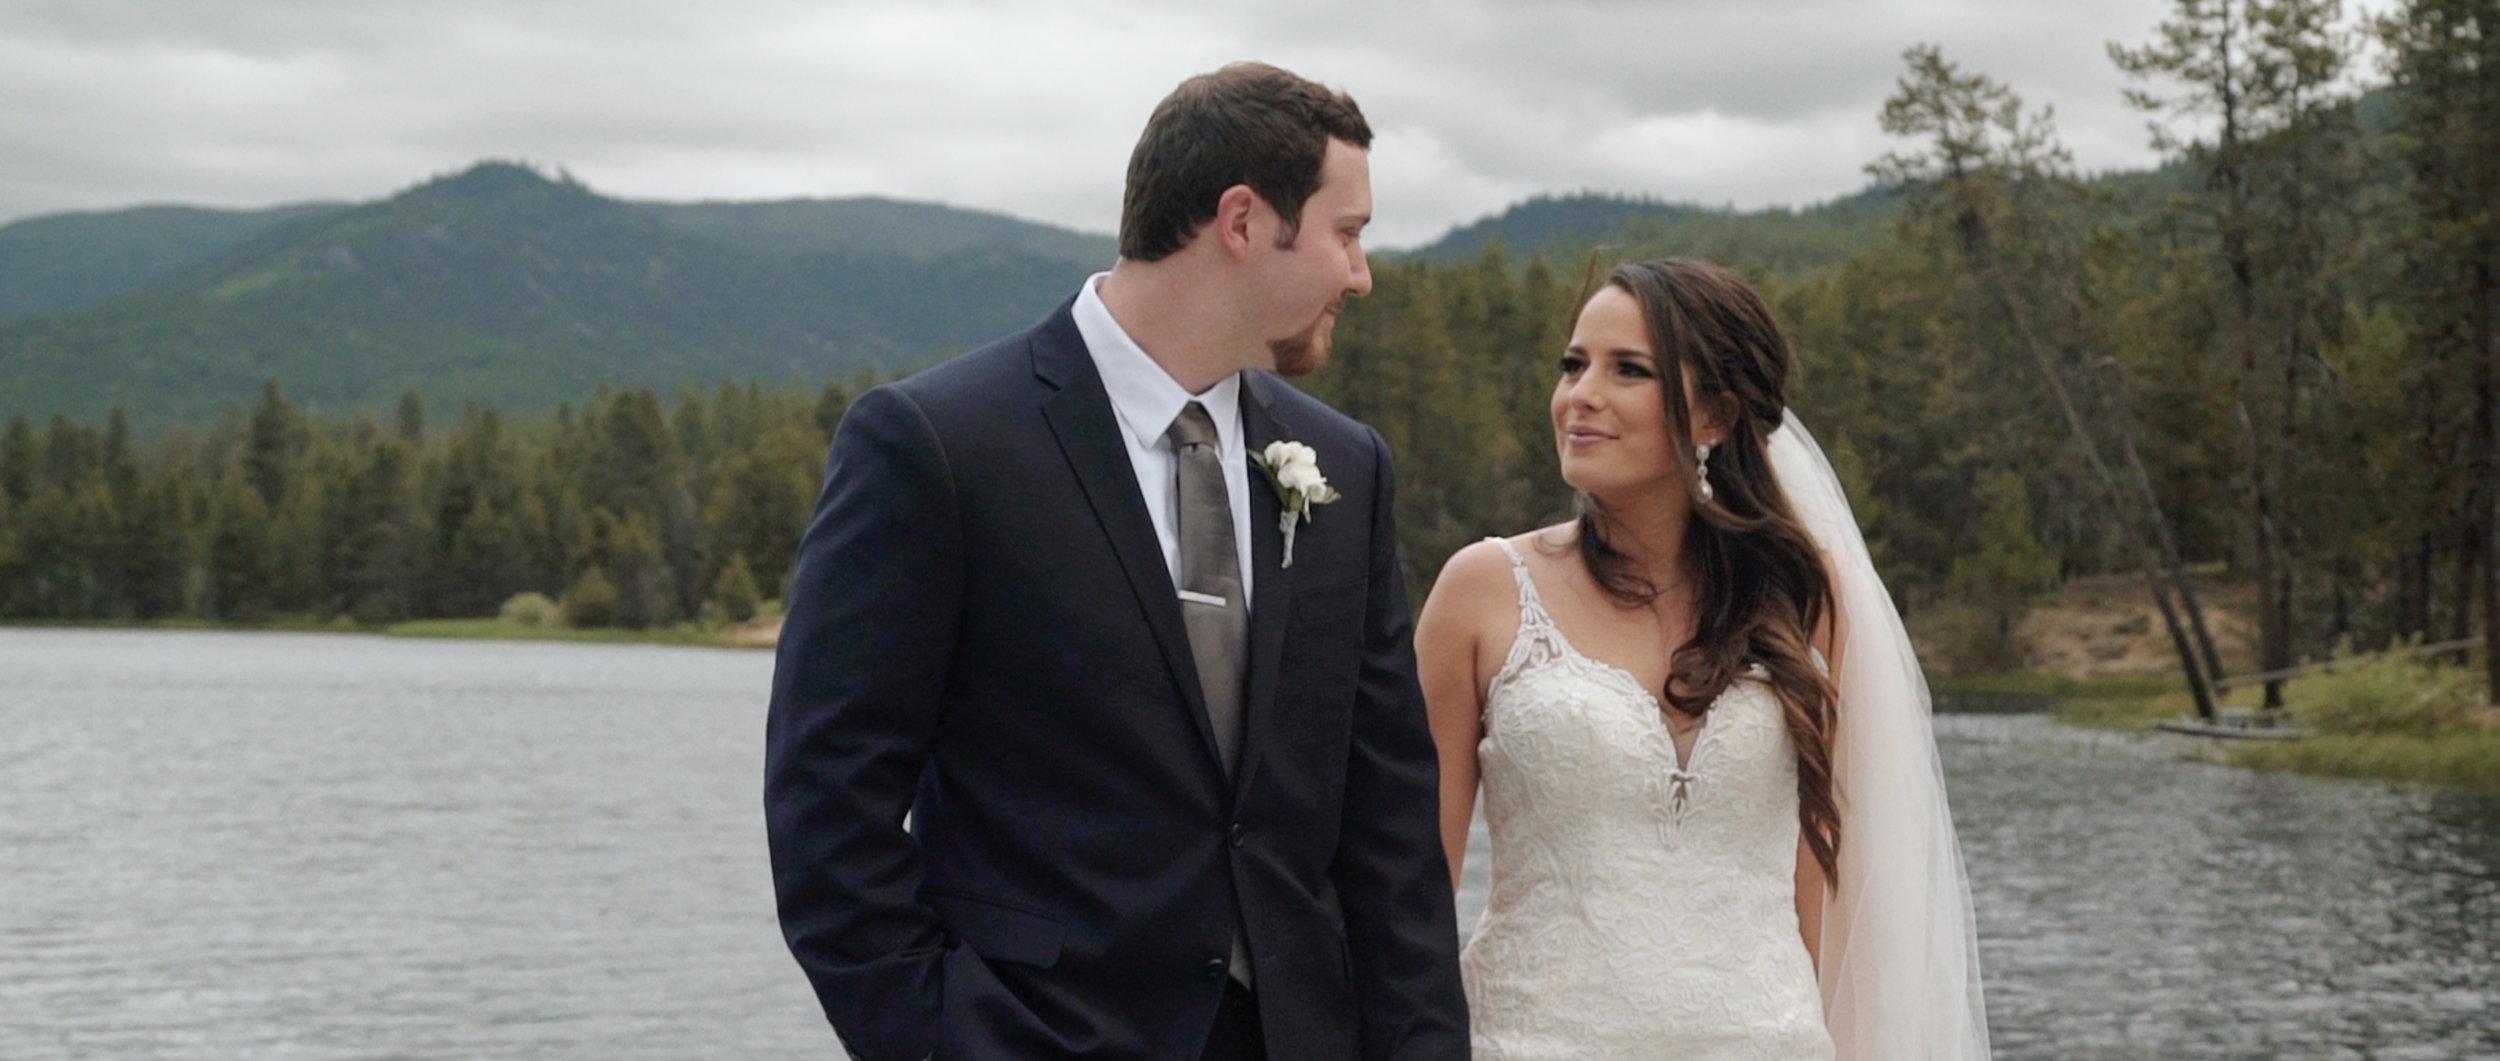 Wedding film in Cascade